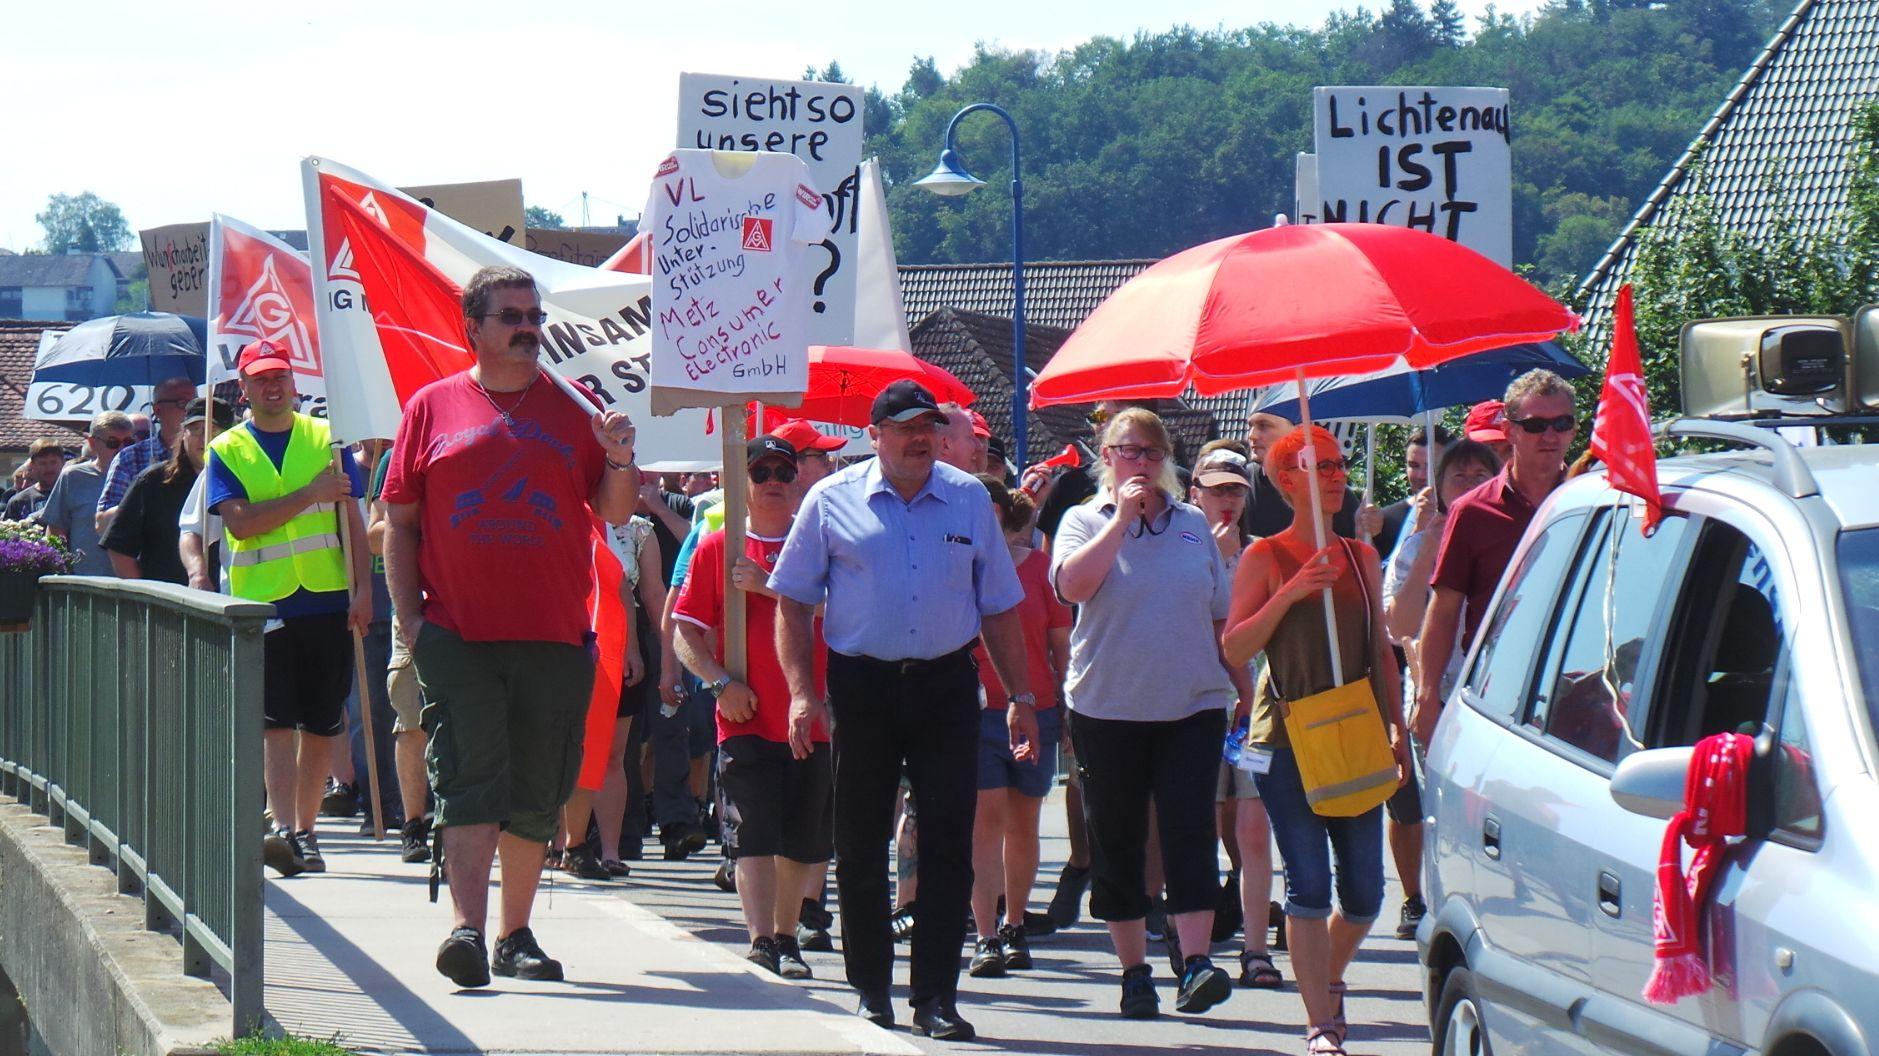 Protestmarsch gegen Werksschließung in Lichtenau